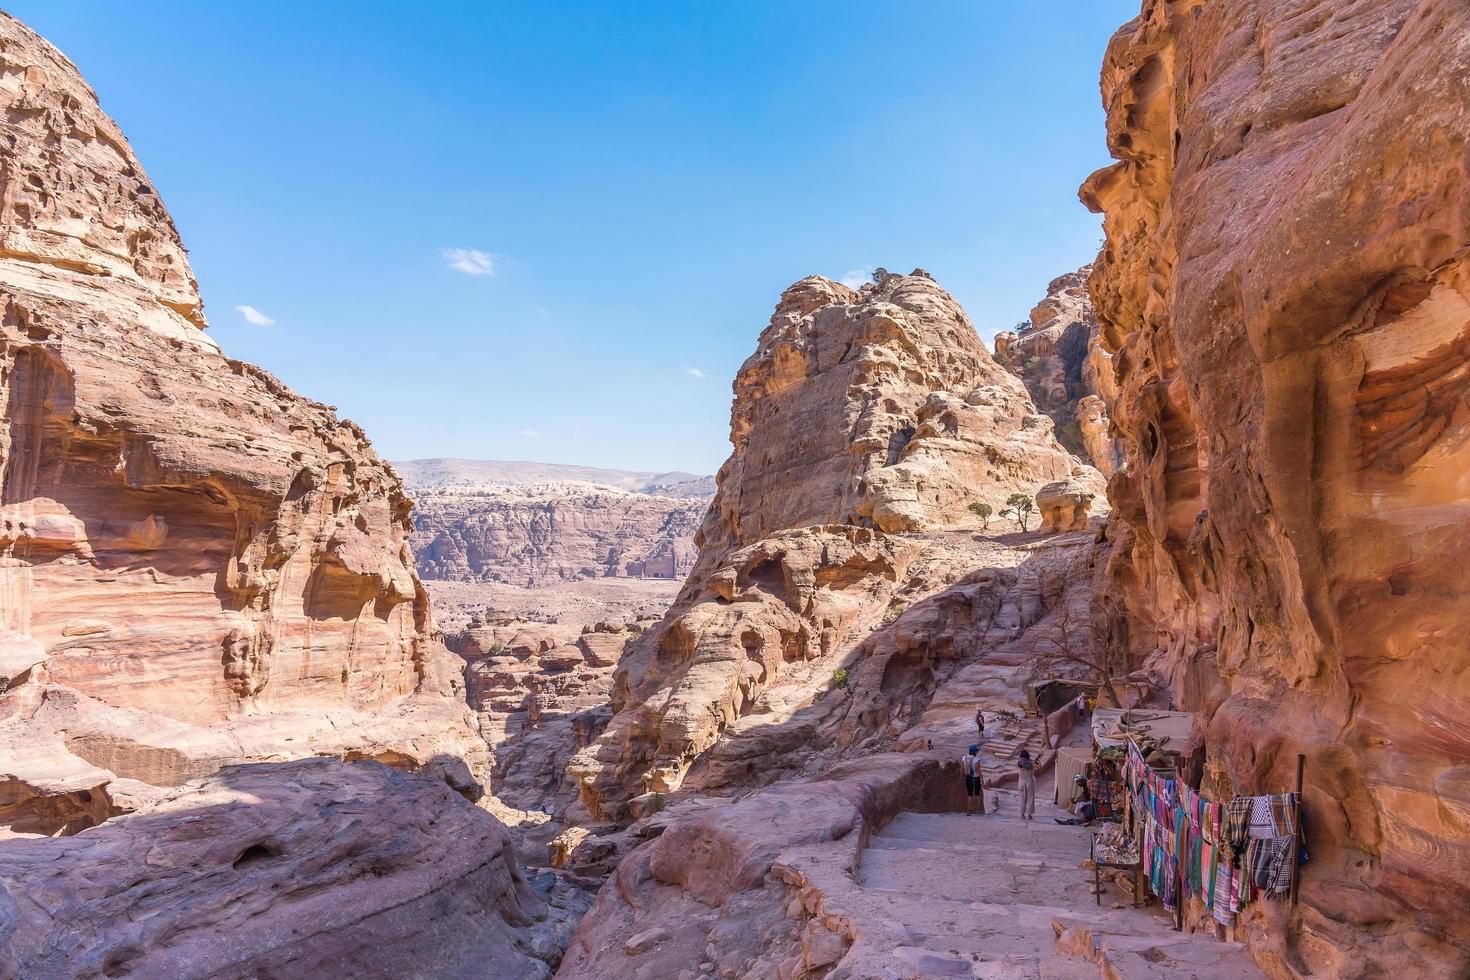 I turisti a piedi da Petra al monastero in Giordania, 2018 foto